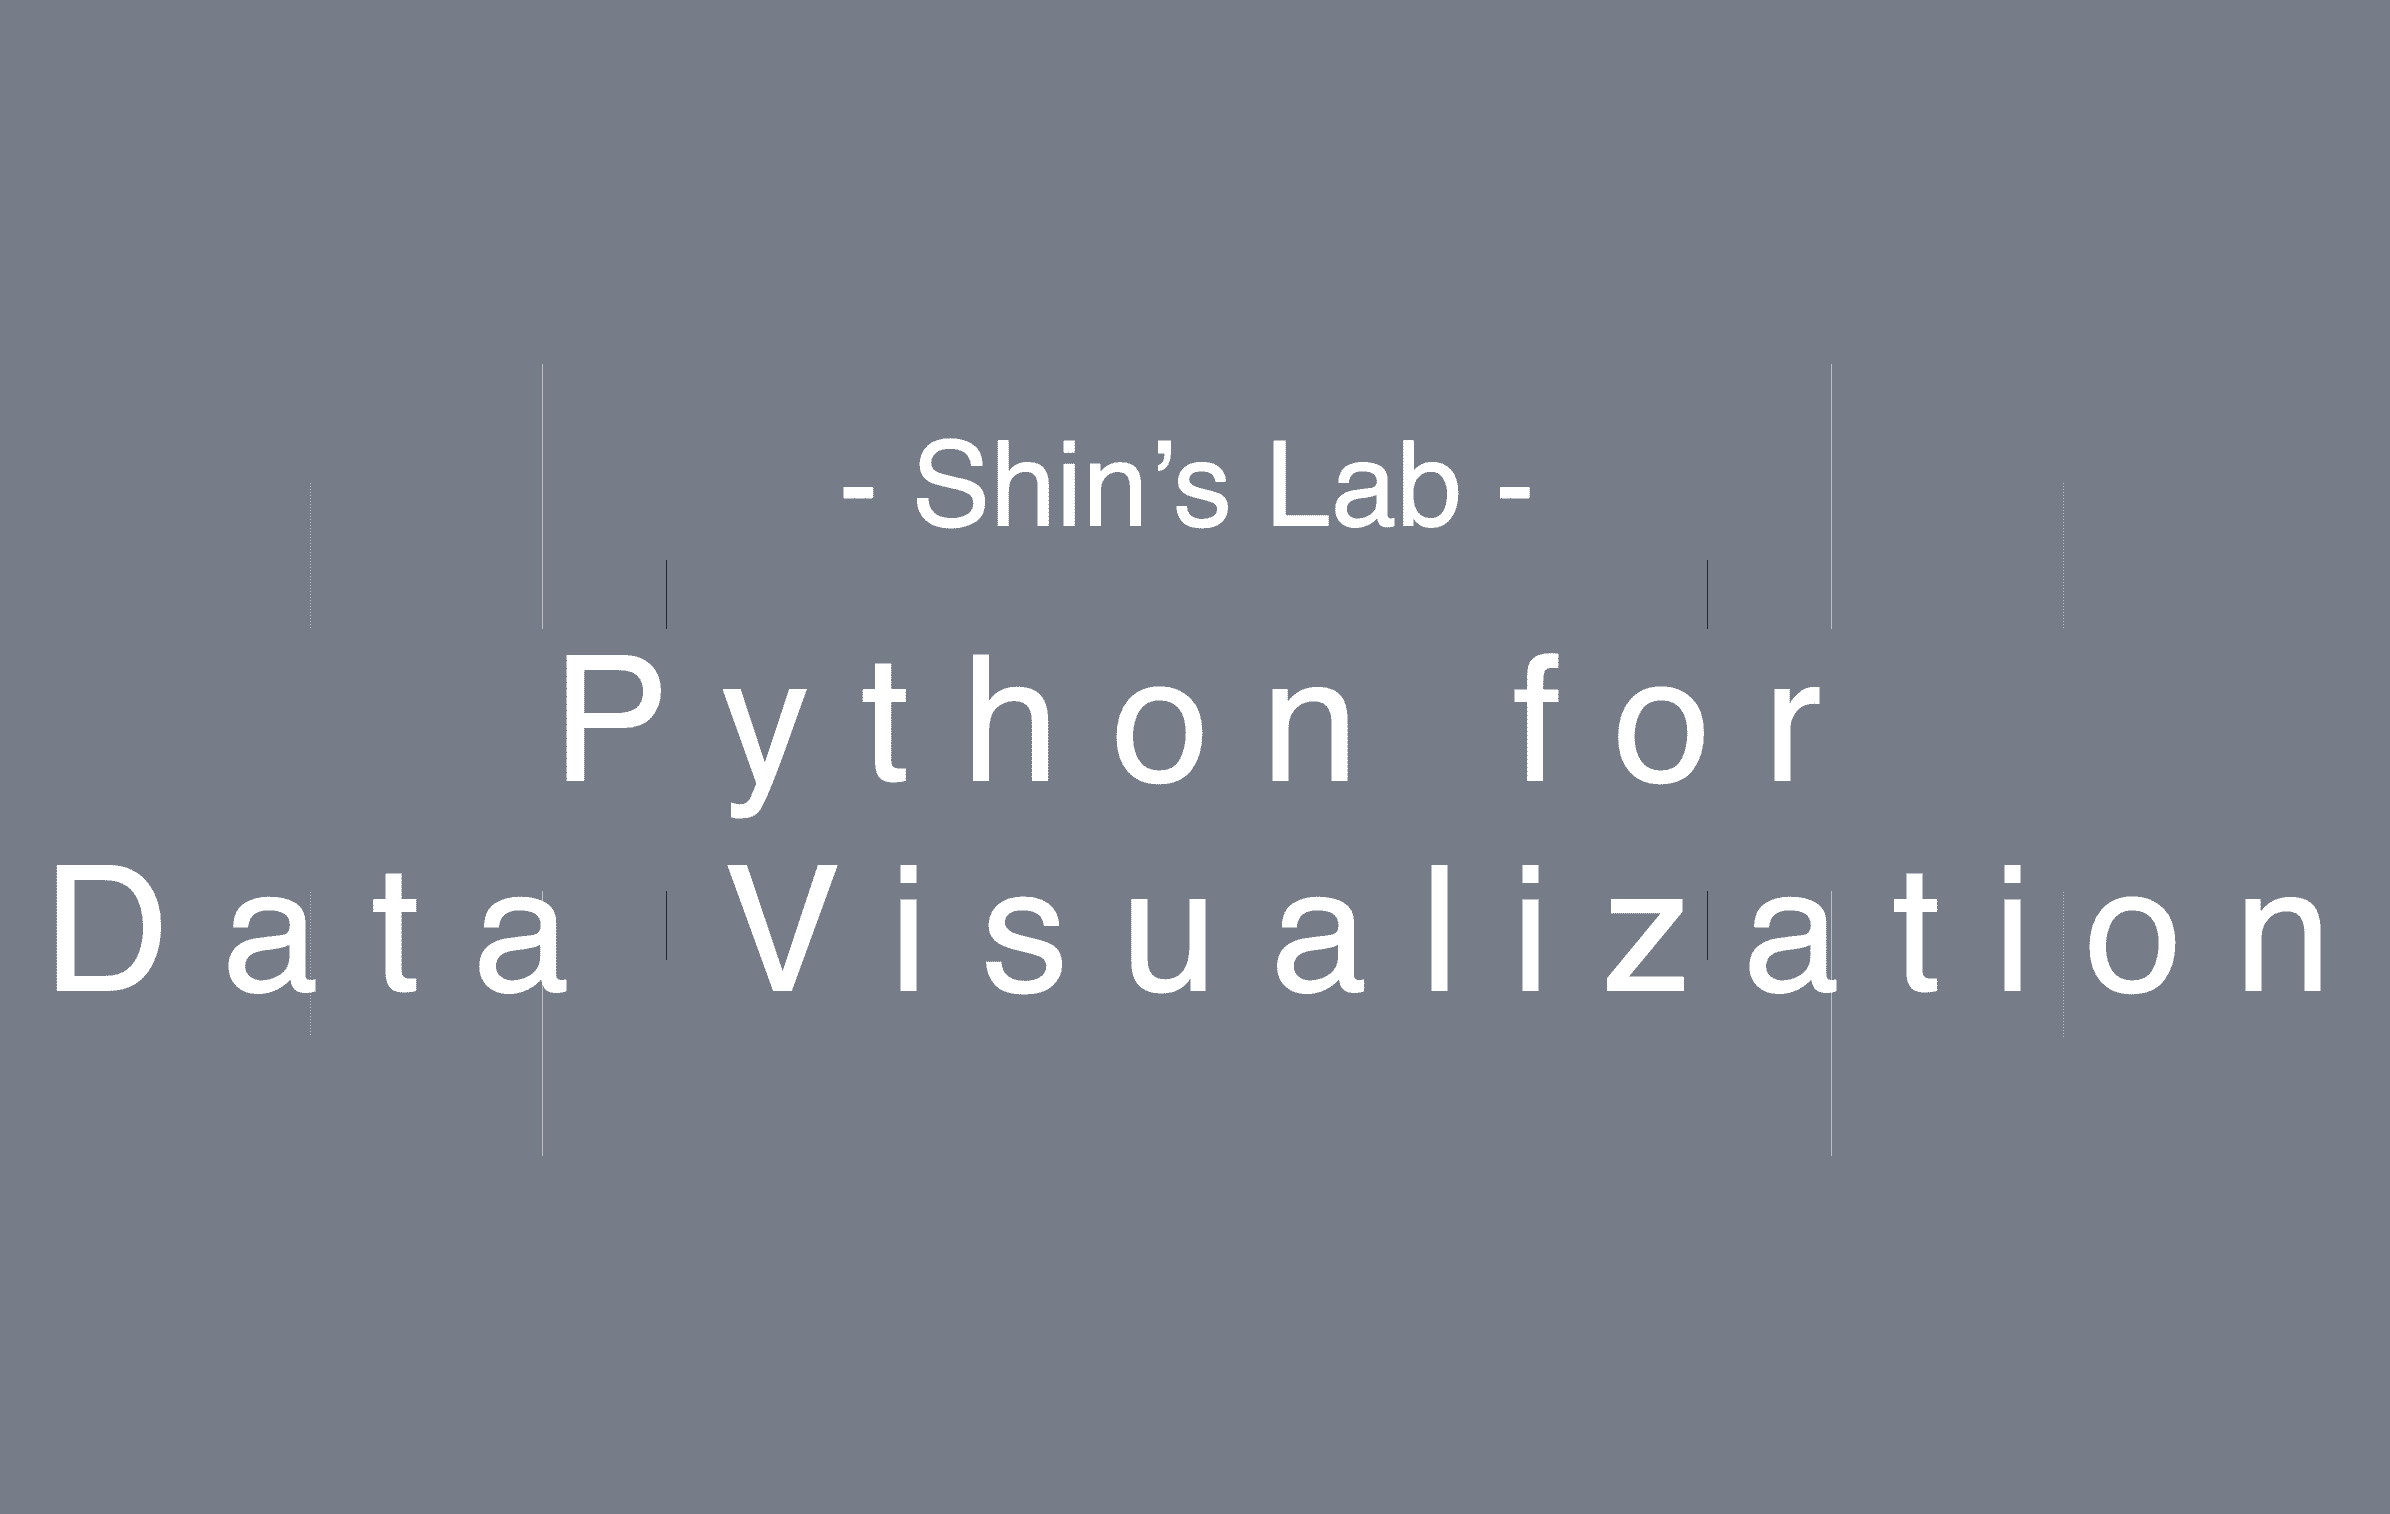 공대형아의 데이터 시각화를 위한 파이썬